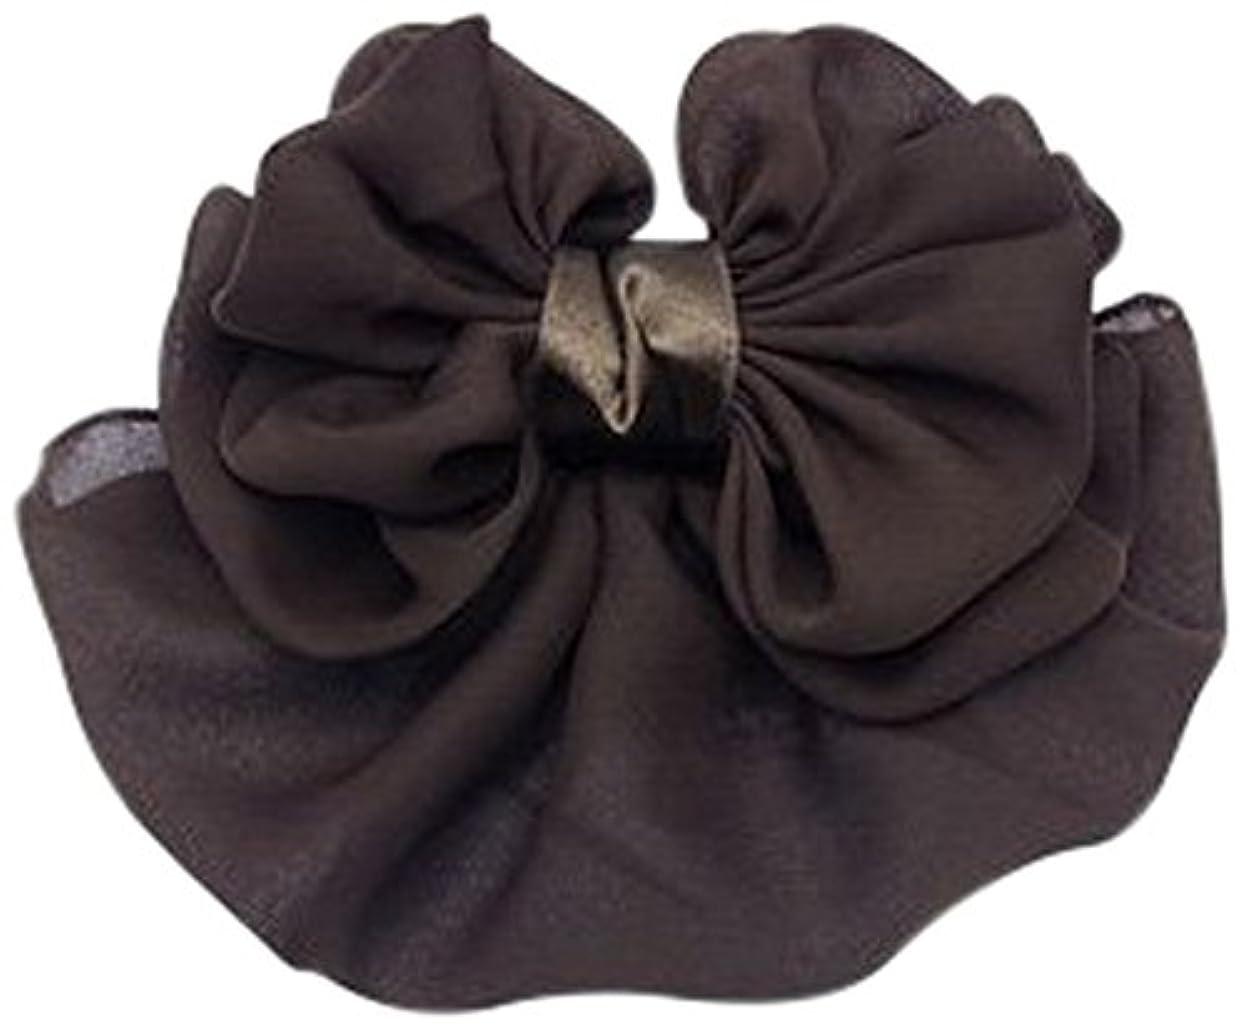 境界一致する悲劇的な美人髪 リボン バレッタ(ネット付) もこもこリボン/カバー付